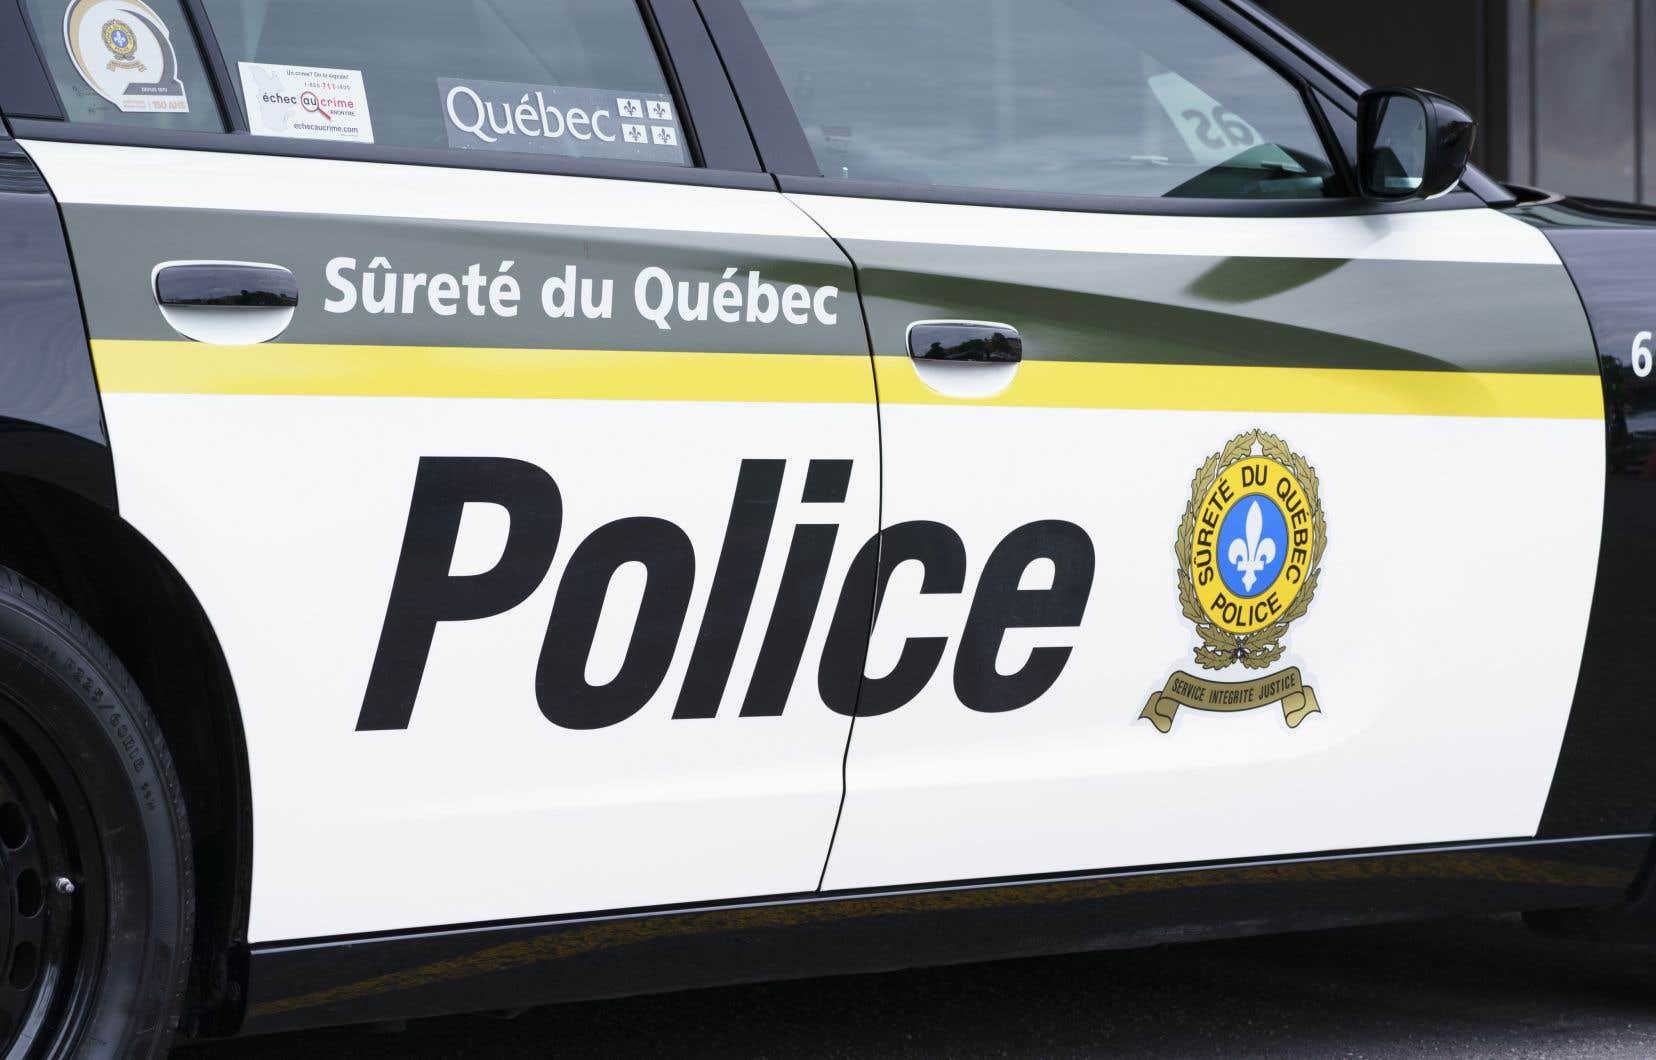 À ce stade-ci de l'enquête, la Sureté du Québec n'a pas été en mesure d'indiquer s'il s'agitdu 12eféminicide à survenir au Québec depuis le début de l'année.